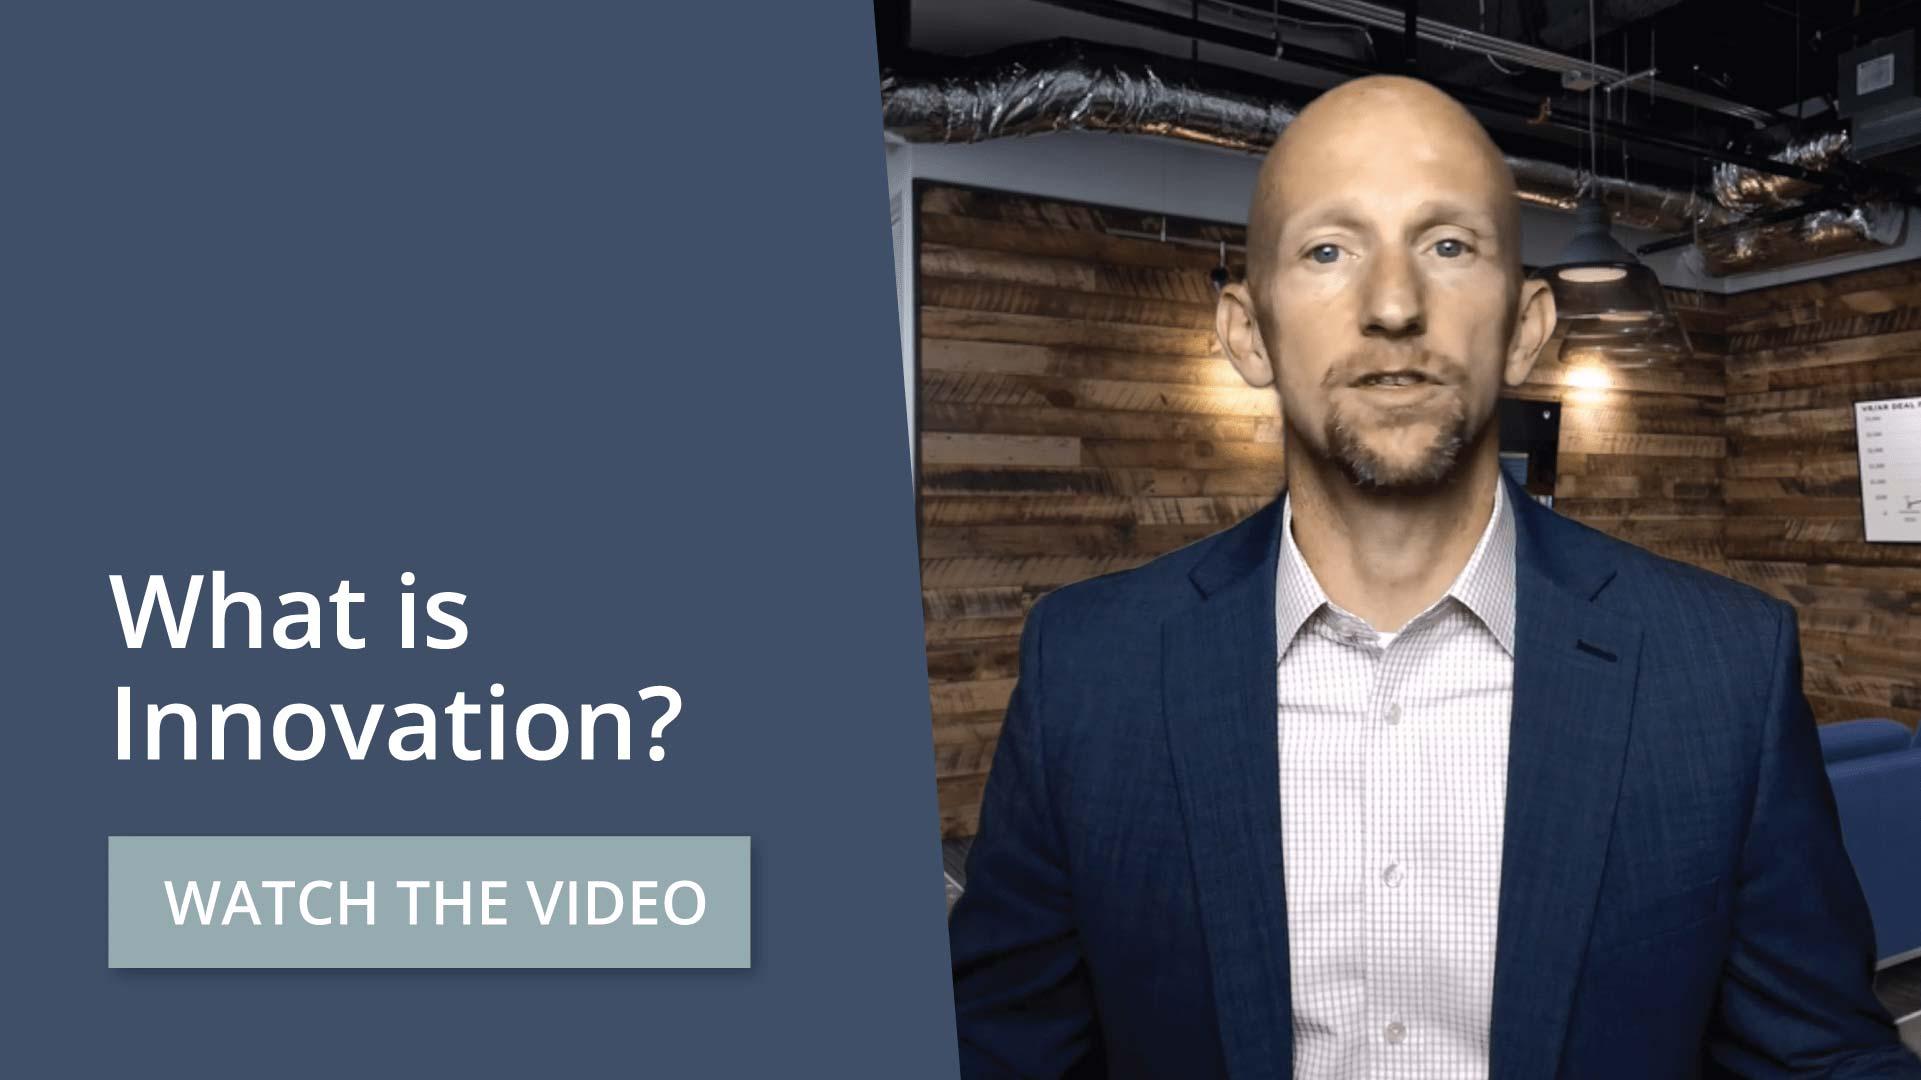 VEN_Video_Title-Slides-Innovation-Title